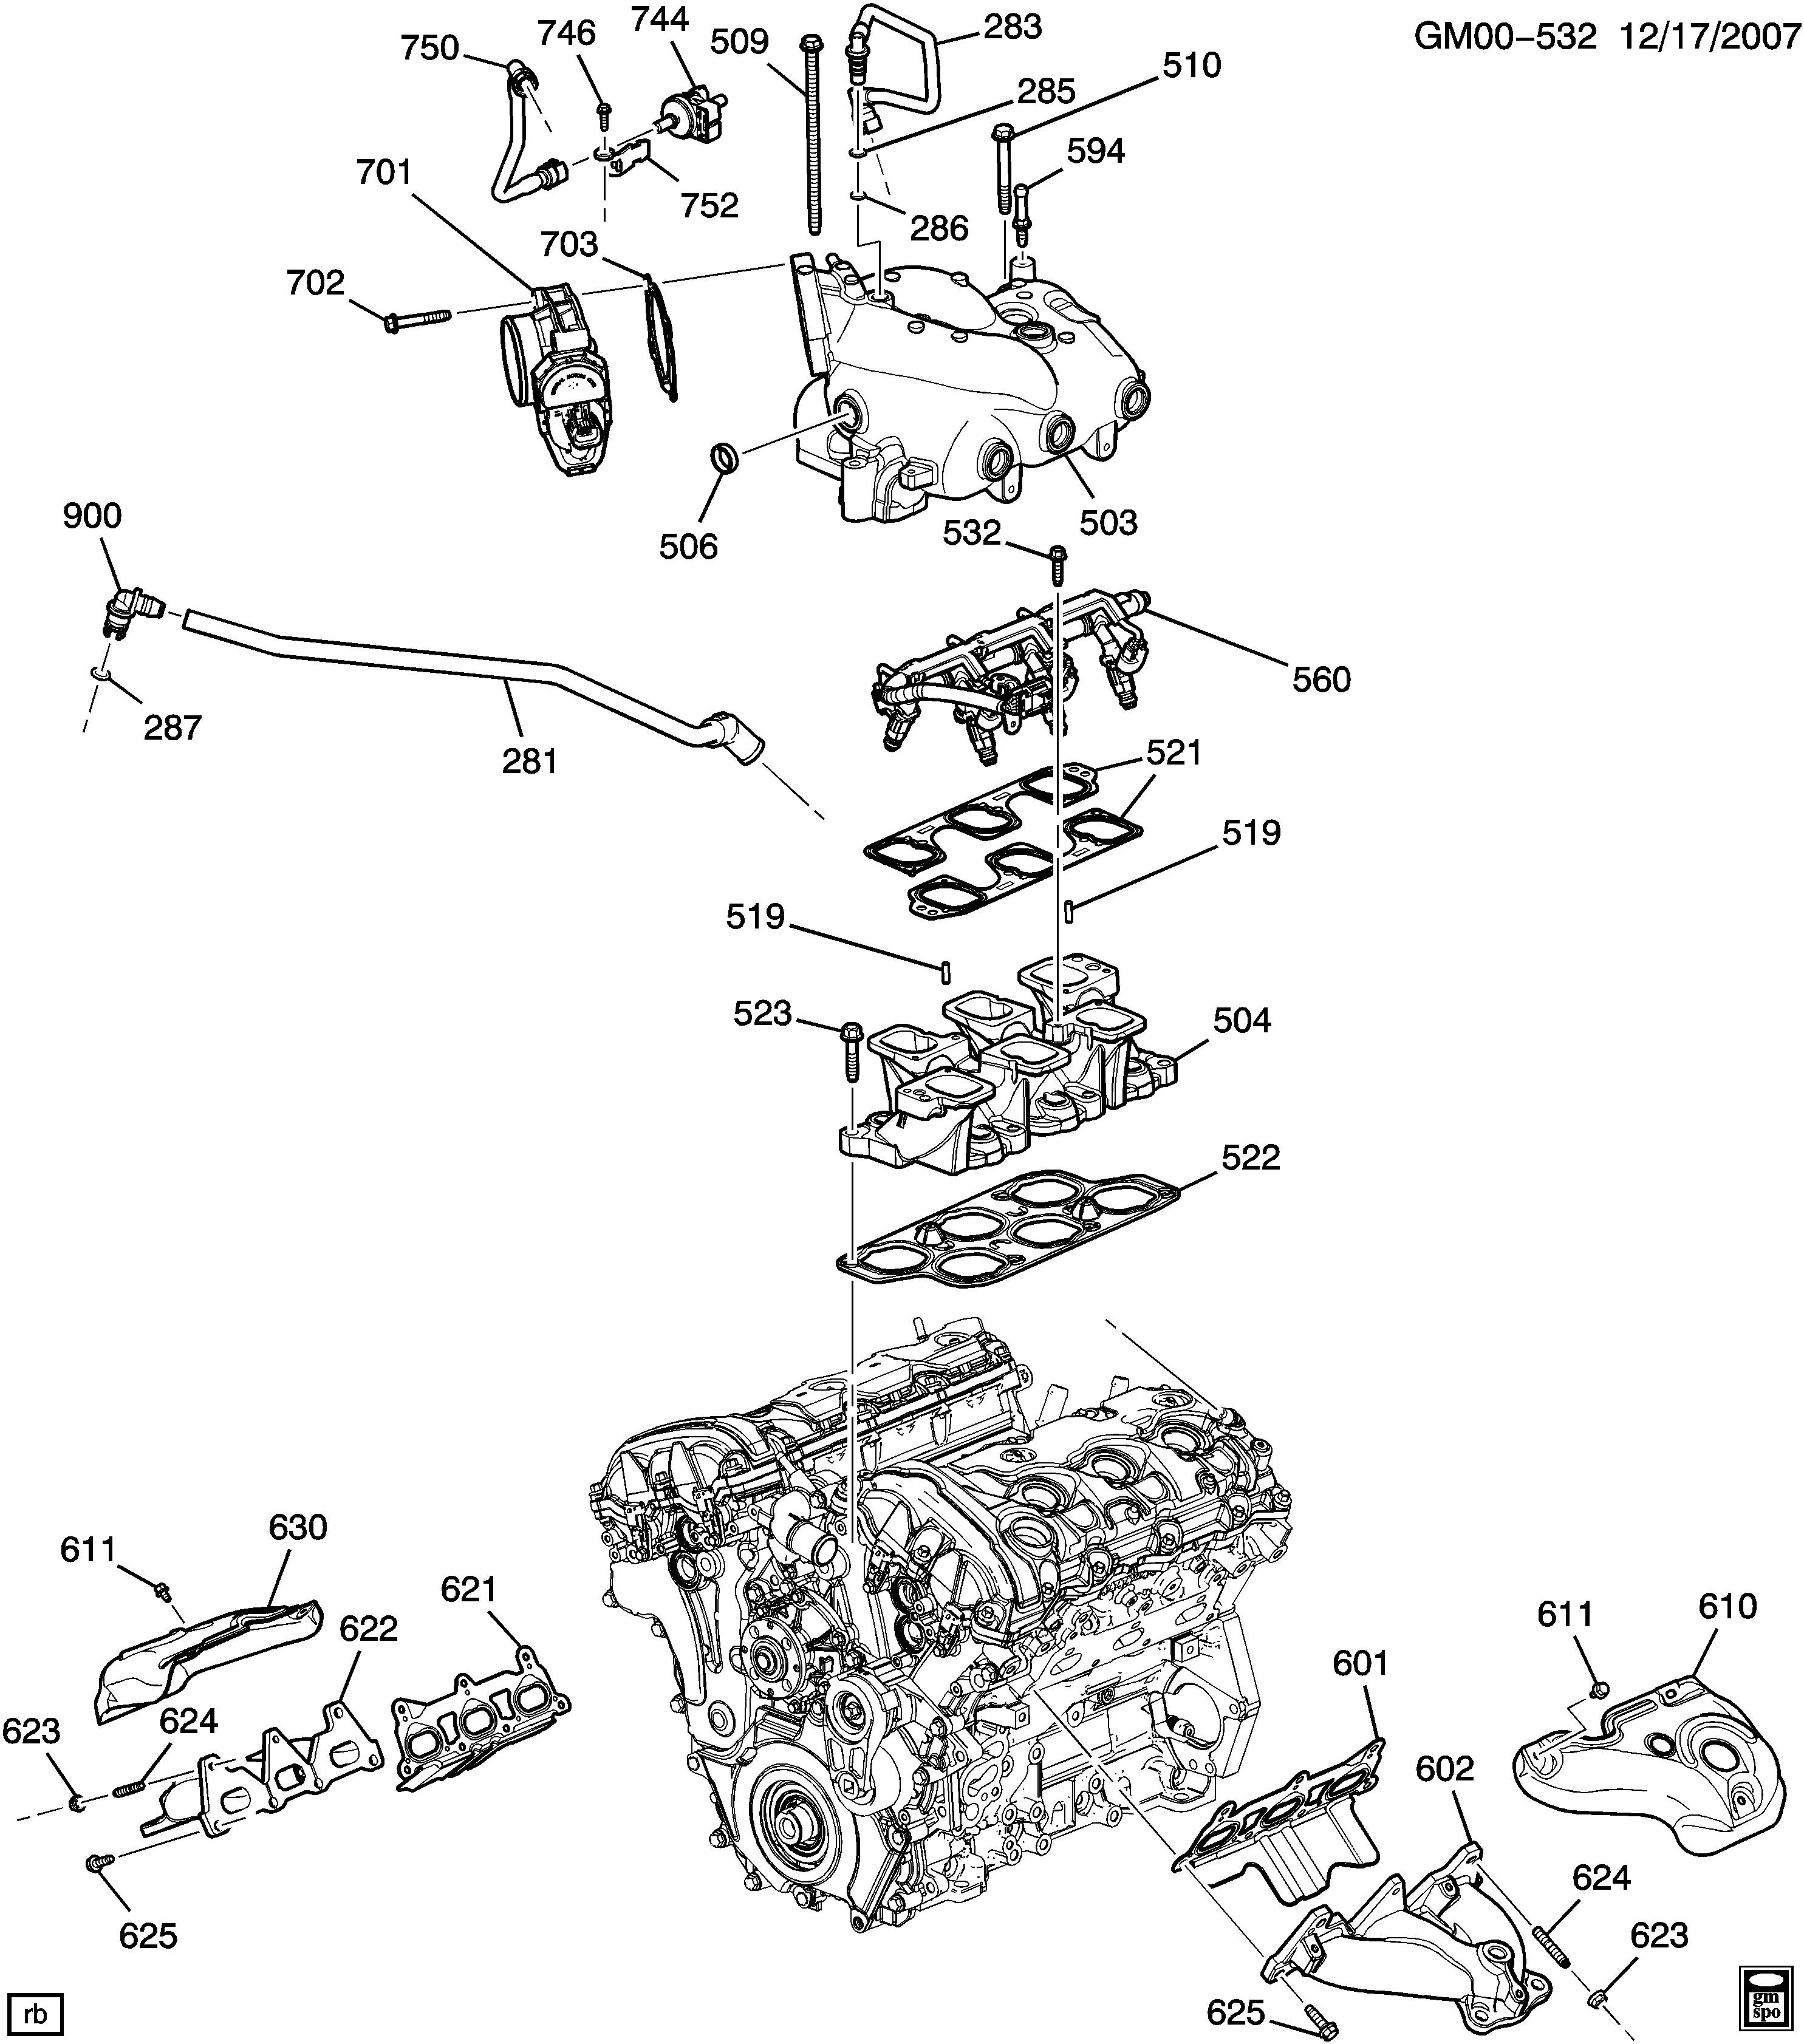 pontiac torrent l engine asm 3 6l v6 part 6 manifolds related Ford Mach 2 l engine asm 3 6l v6 part 6 manifolds related parts ly7 3